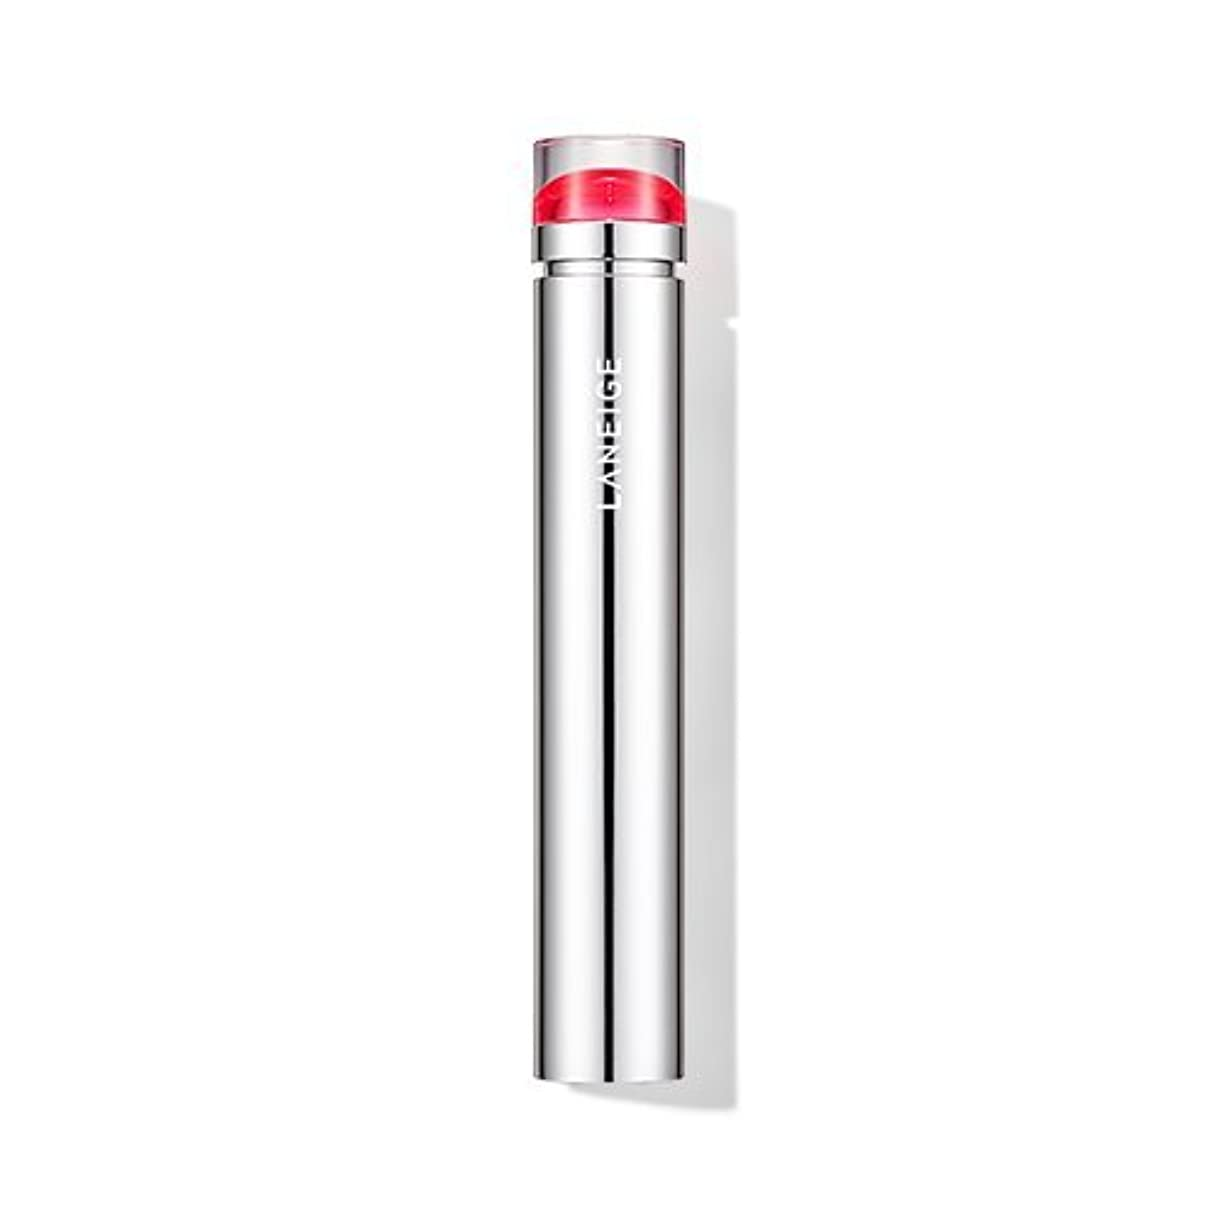 ジャム充電田舎ラネージュ(LANEIGE) ステンドグラスティック Stained Glasstick 2g (No.6 Red Spinel)